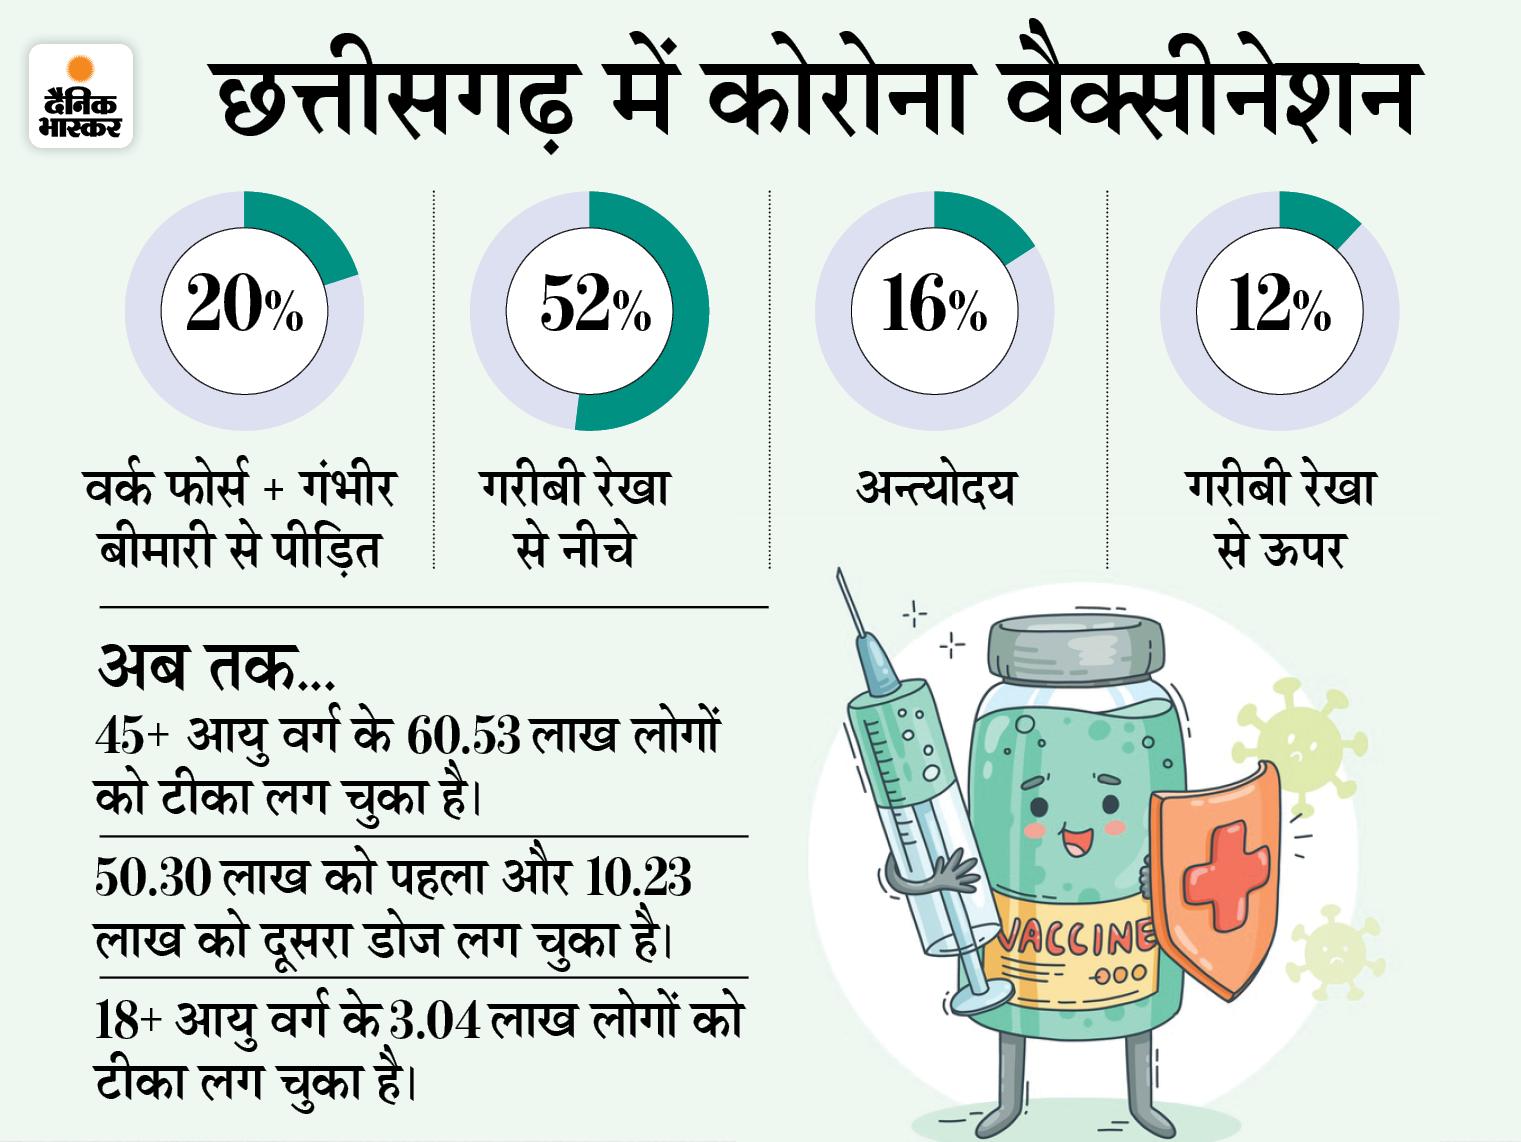 नए स्टॉक आने के बाद फिर से लगेंगे टीके, रायपुर के 18 सेंटर पर आज से सिर्फ BPL और अंत्योदय का ही वैक्सीनेशन रायपुर,Raipur - Dainik Bhaskar